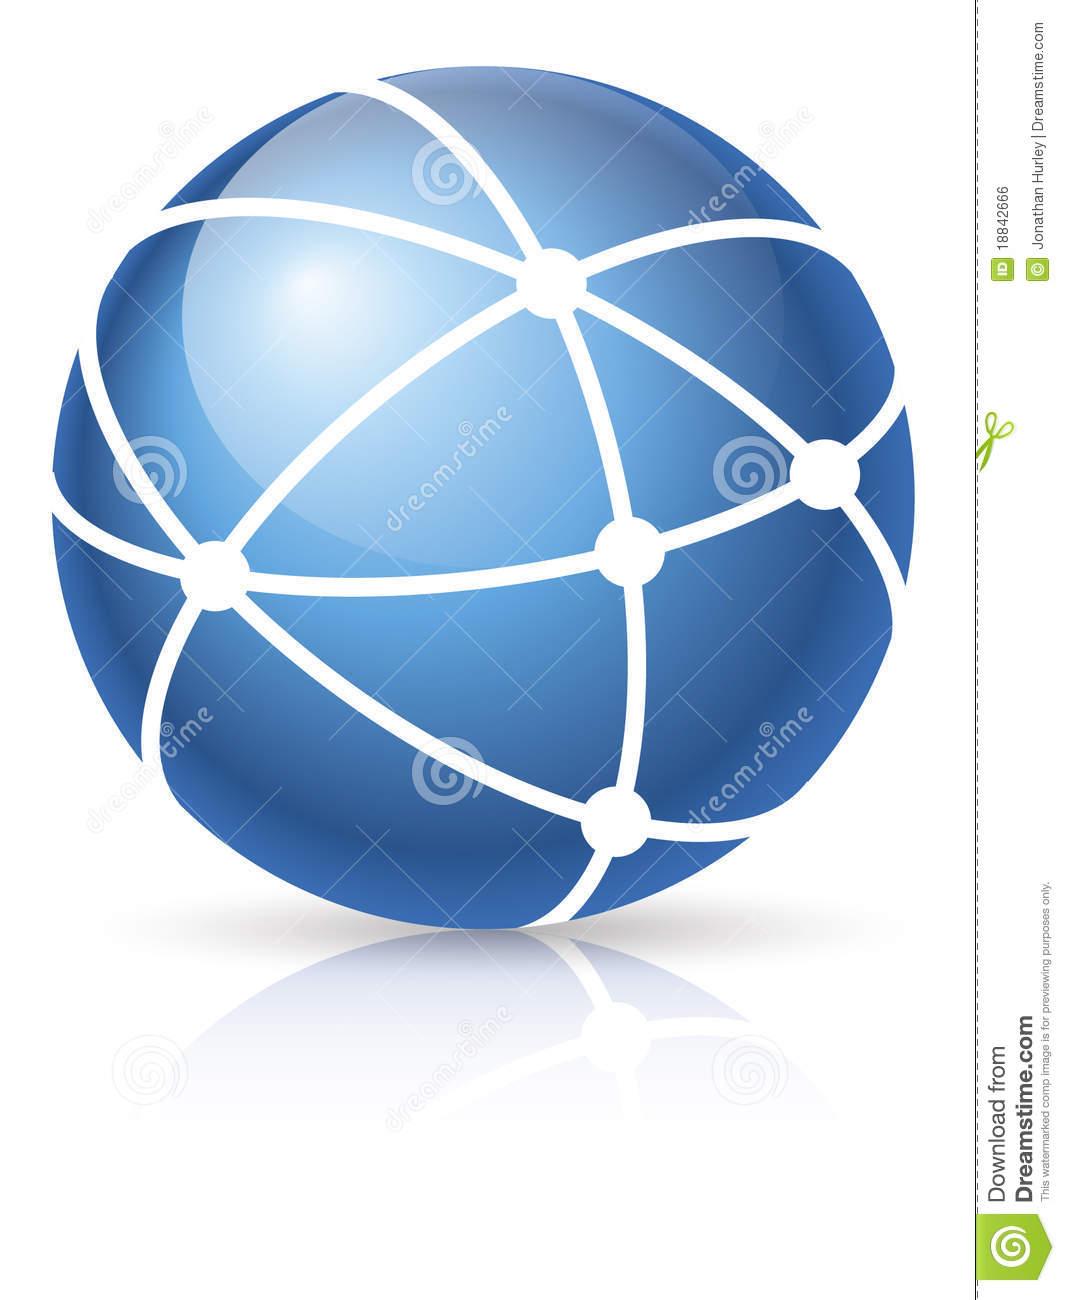 12 World Wide Web Globe Icon Images